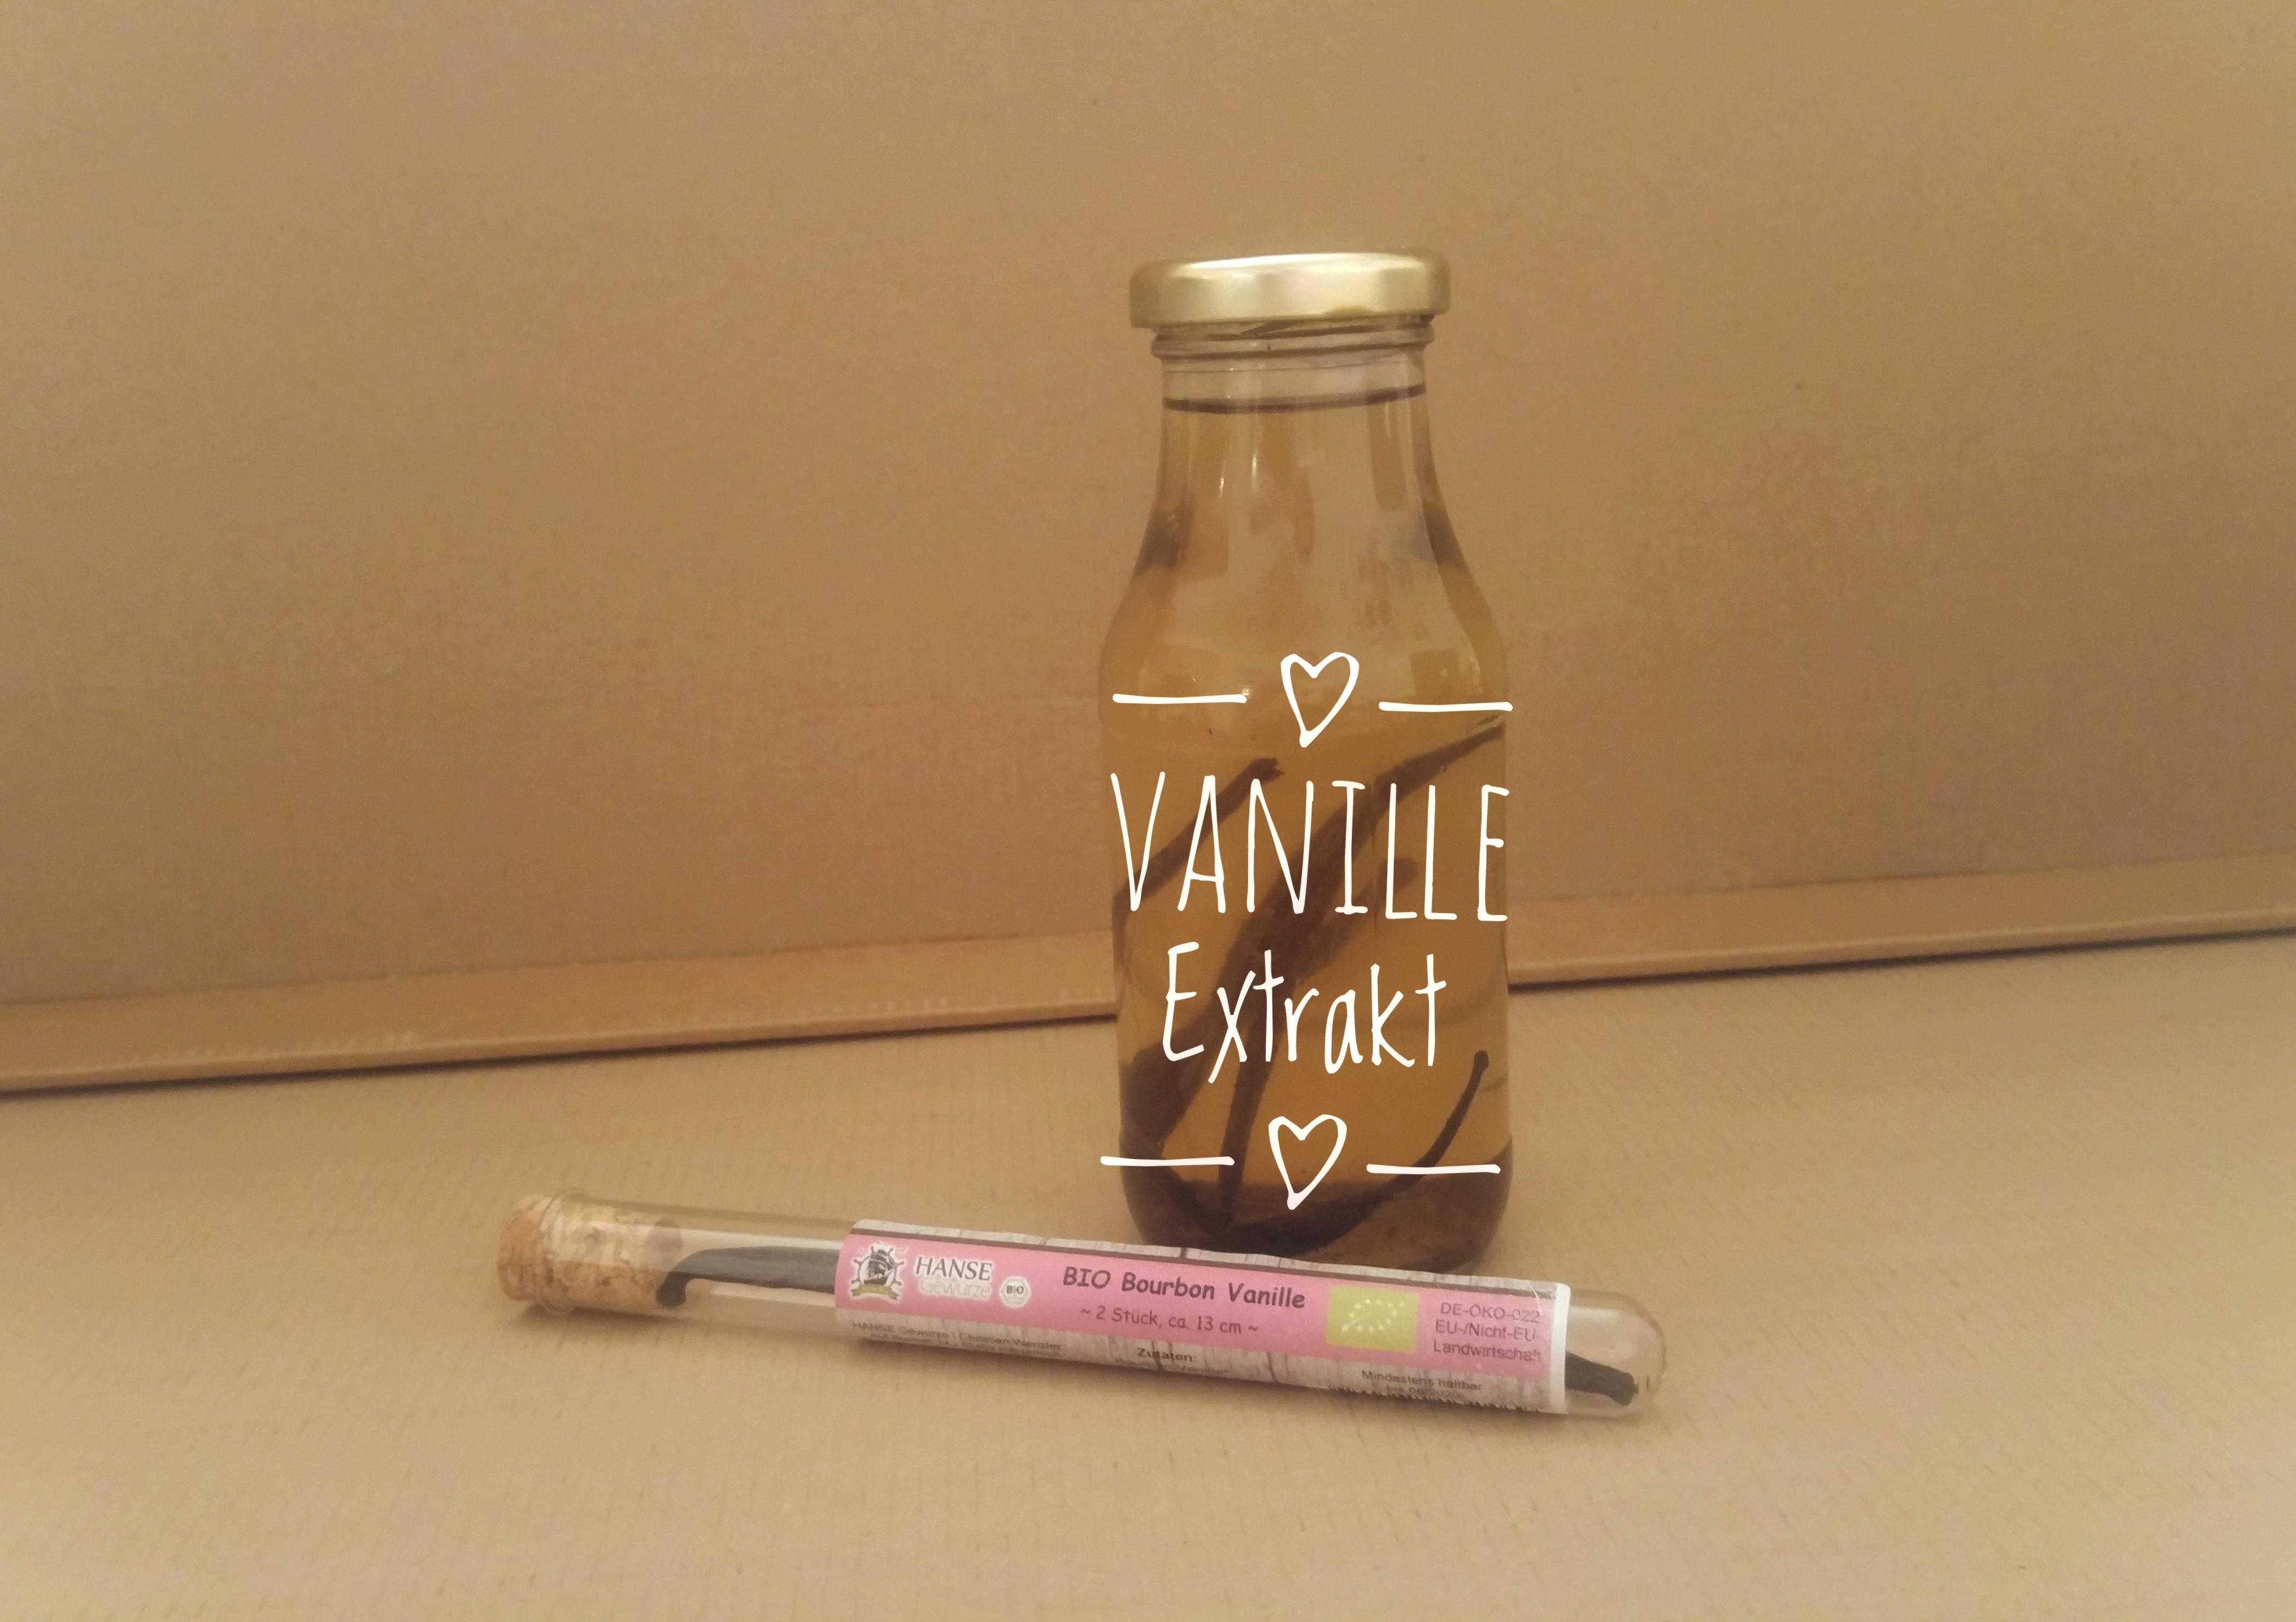 Vanille-Extrakt selbstgemacht - Käthes Kekse